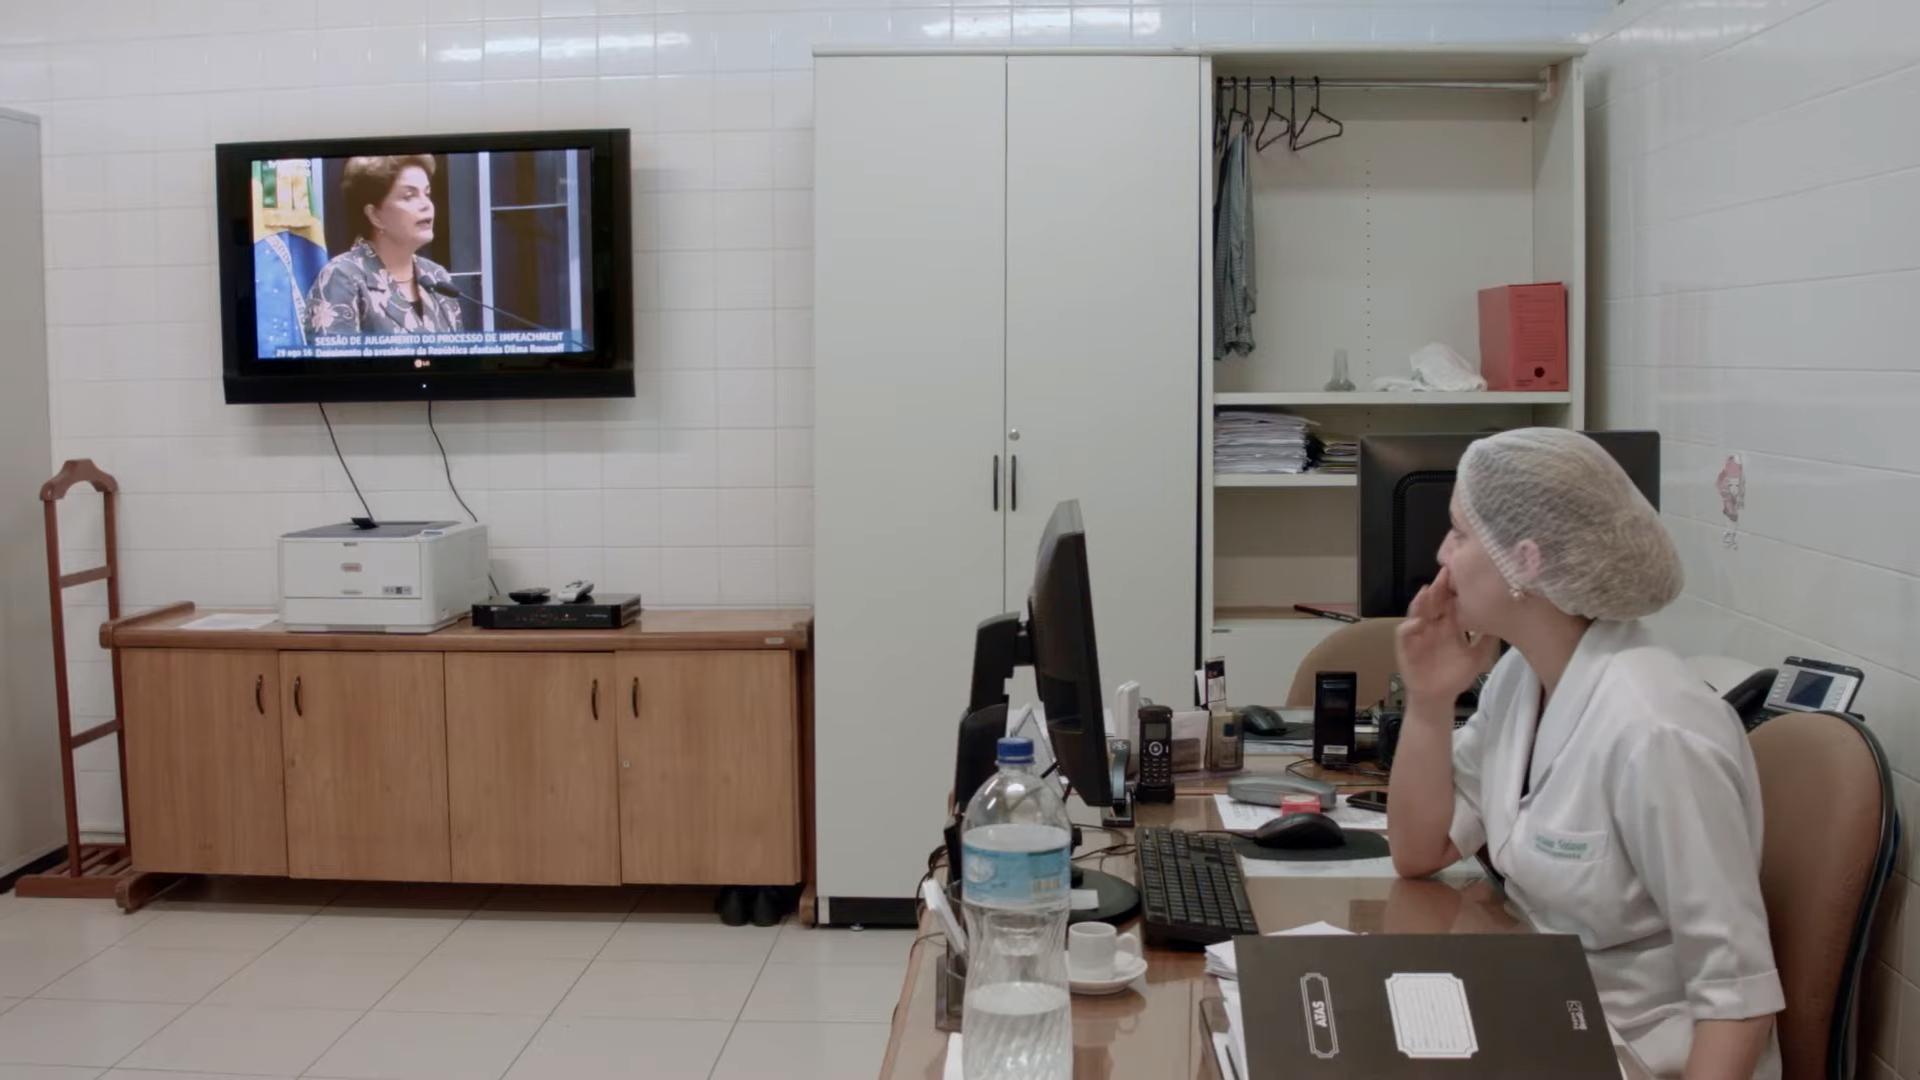 Cena do filme Alvorada. A imagem mostra uma sala do setor administrativo do Palácio da Alvorada. No lado direito da imagem, existe uma mesa de trabalho, com um computador, materiais de papelaria, um fichário e uma garrafa de água, onde uma mulher está sentada. Ela é branca, usa um jaleco branco e touca segurando os cabelos e assiste a TV ligada na parede no fundo da sala. A TV transmite o discurso de Dilma no Senado, no dia da votação de seu impeachment. Embaixo da TV, existe um armário baixo de madeira com quatro portas e ao lado um armário maior branco de duas portas.